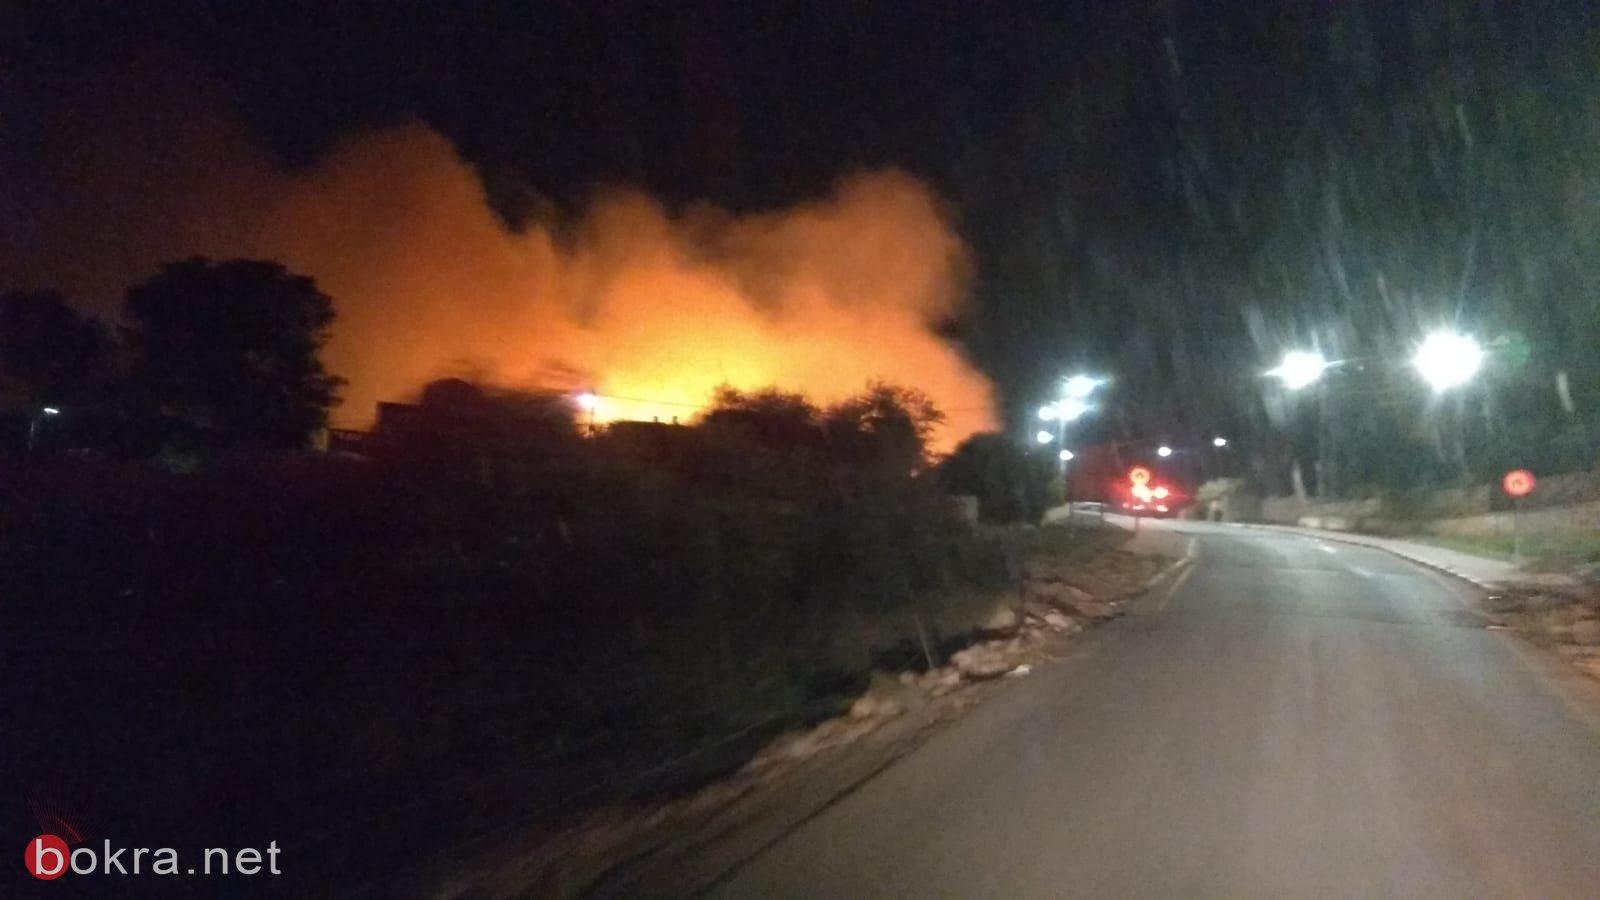 حريق هائل في الأحراش المجاورة للدحي واخلاء منازل-0